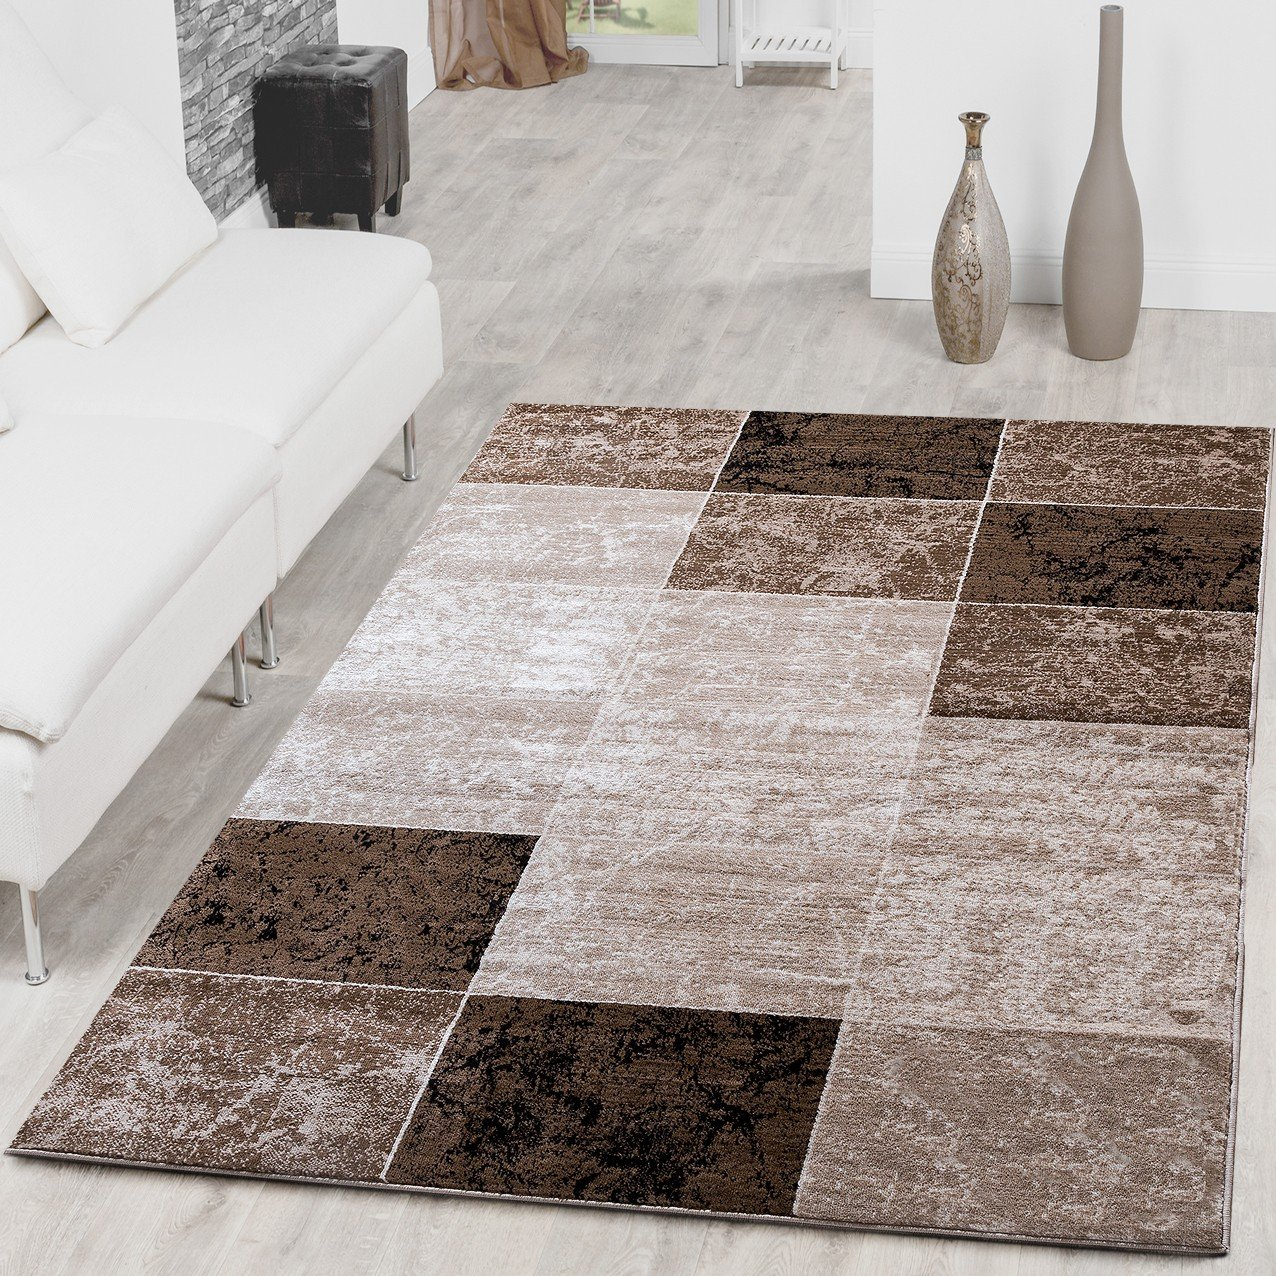 tapis rond maison du monde tapis rond chambre enfant with tapis rond maison du monde. Black Bedroom Furniture Sets. Home Design Ideas